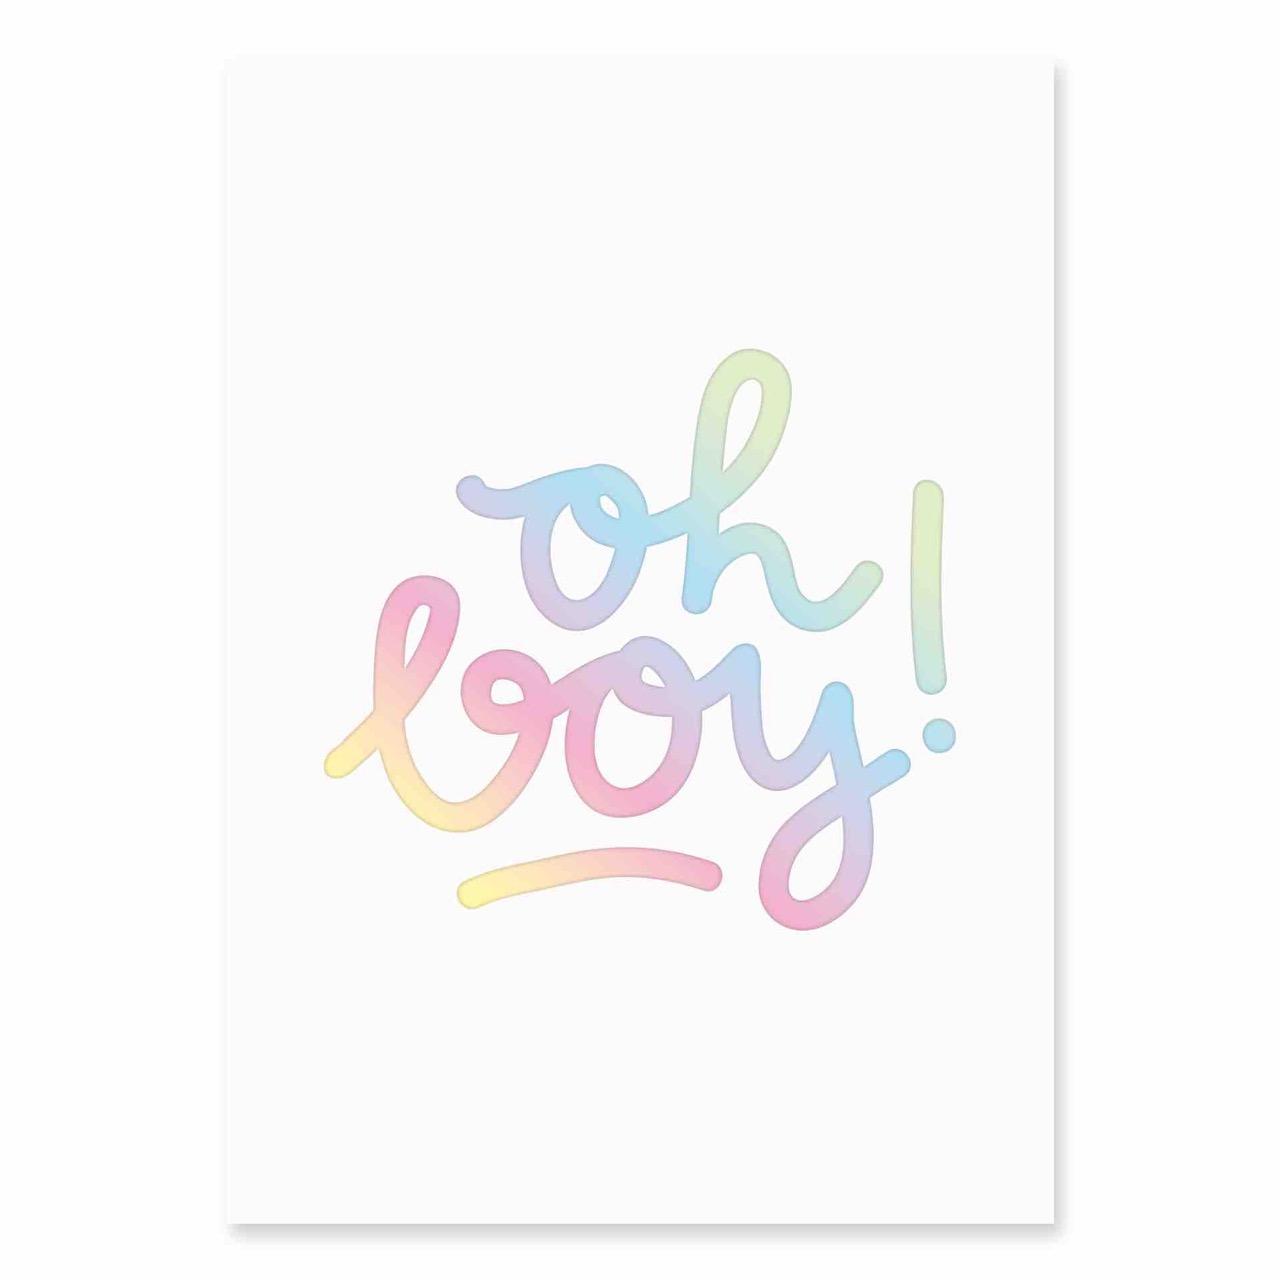 navucko-oh-boy-postkarte